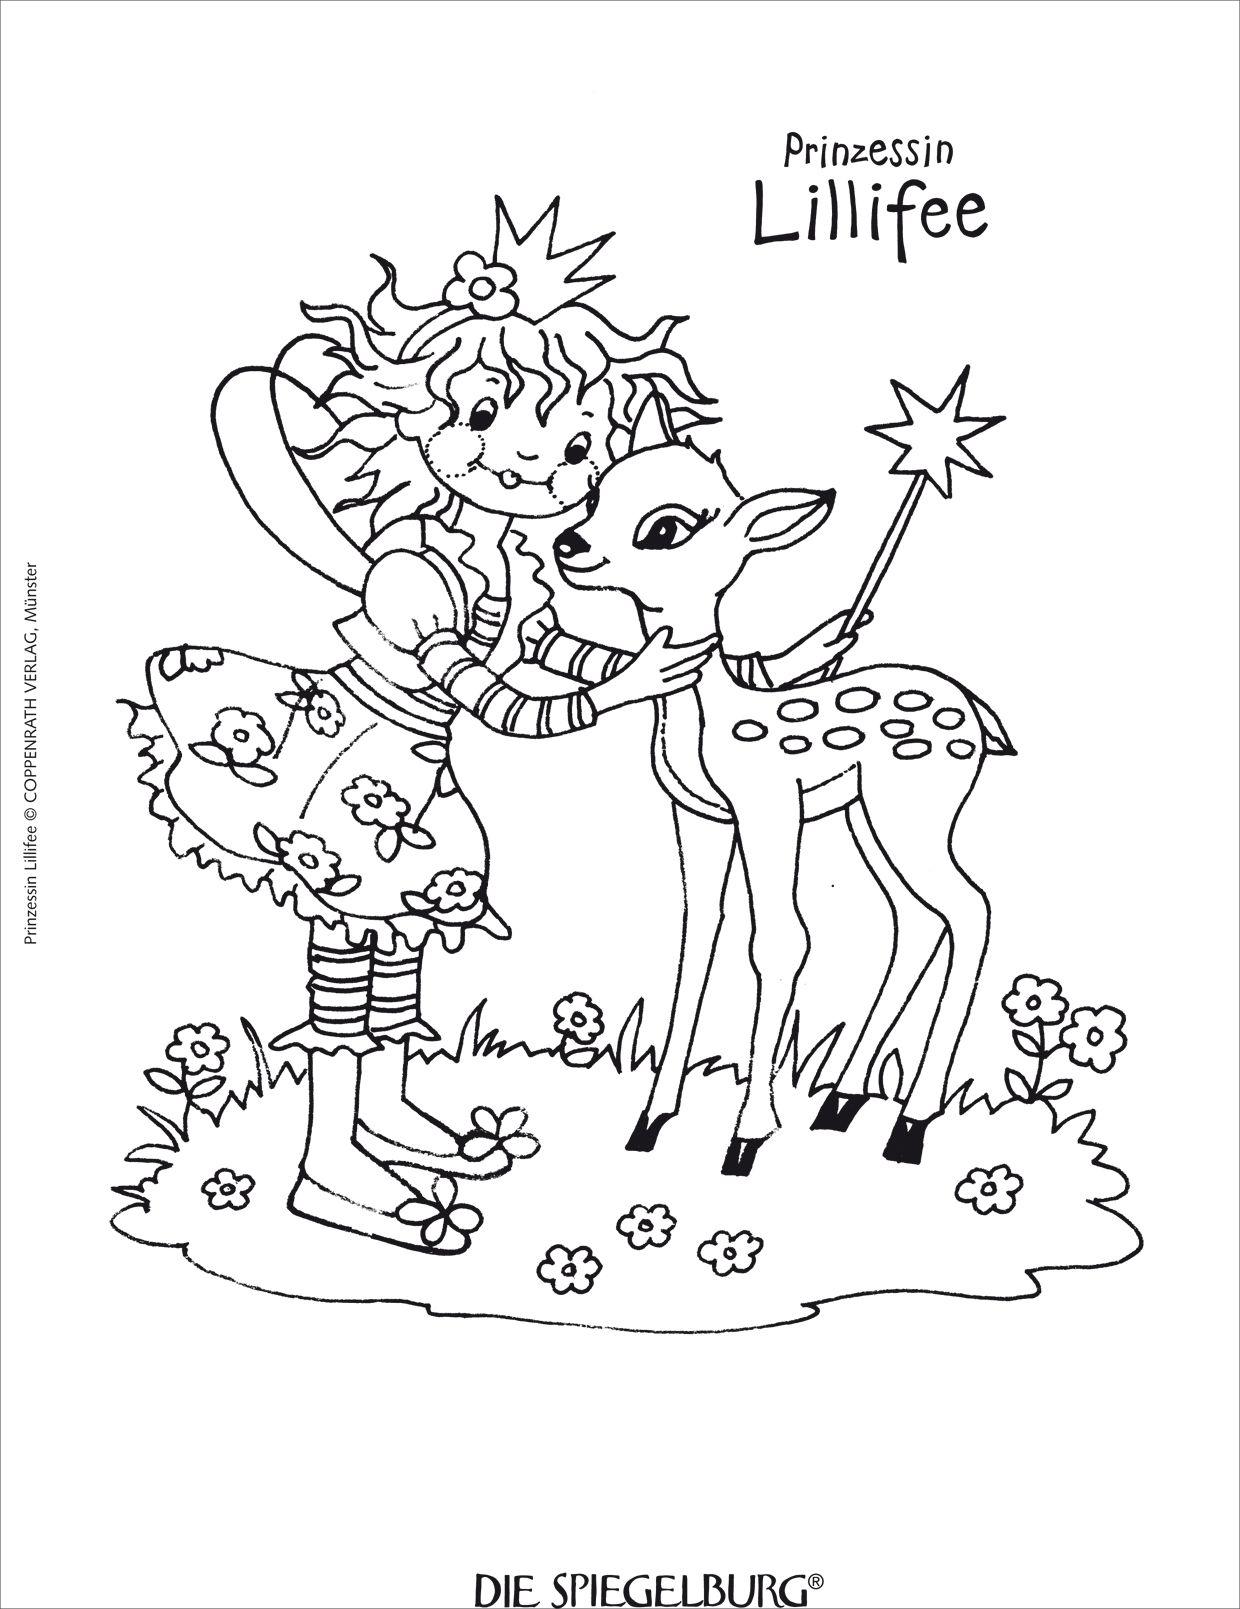 Prinzessin Lillifee Ausmalbilder und Malvorlagen. | Prinzessin ...